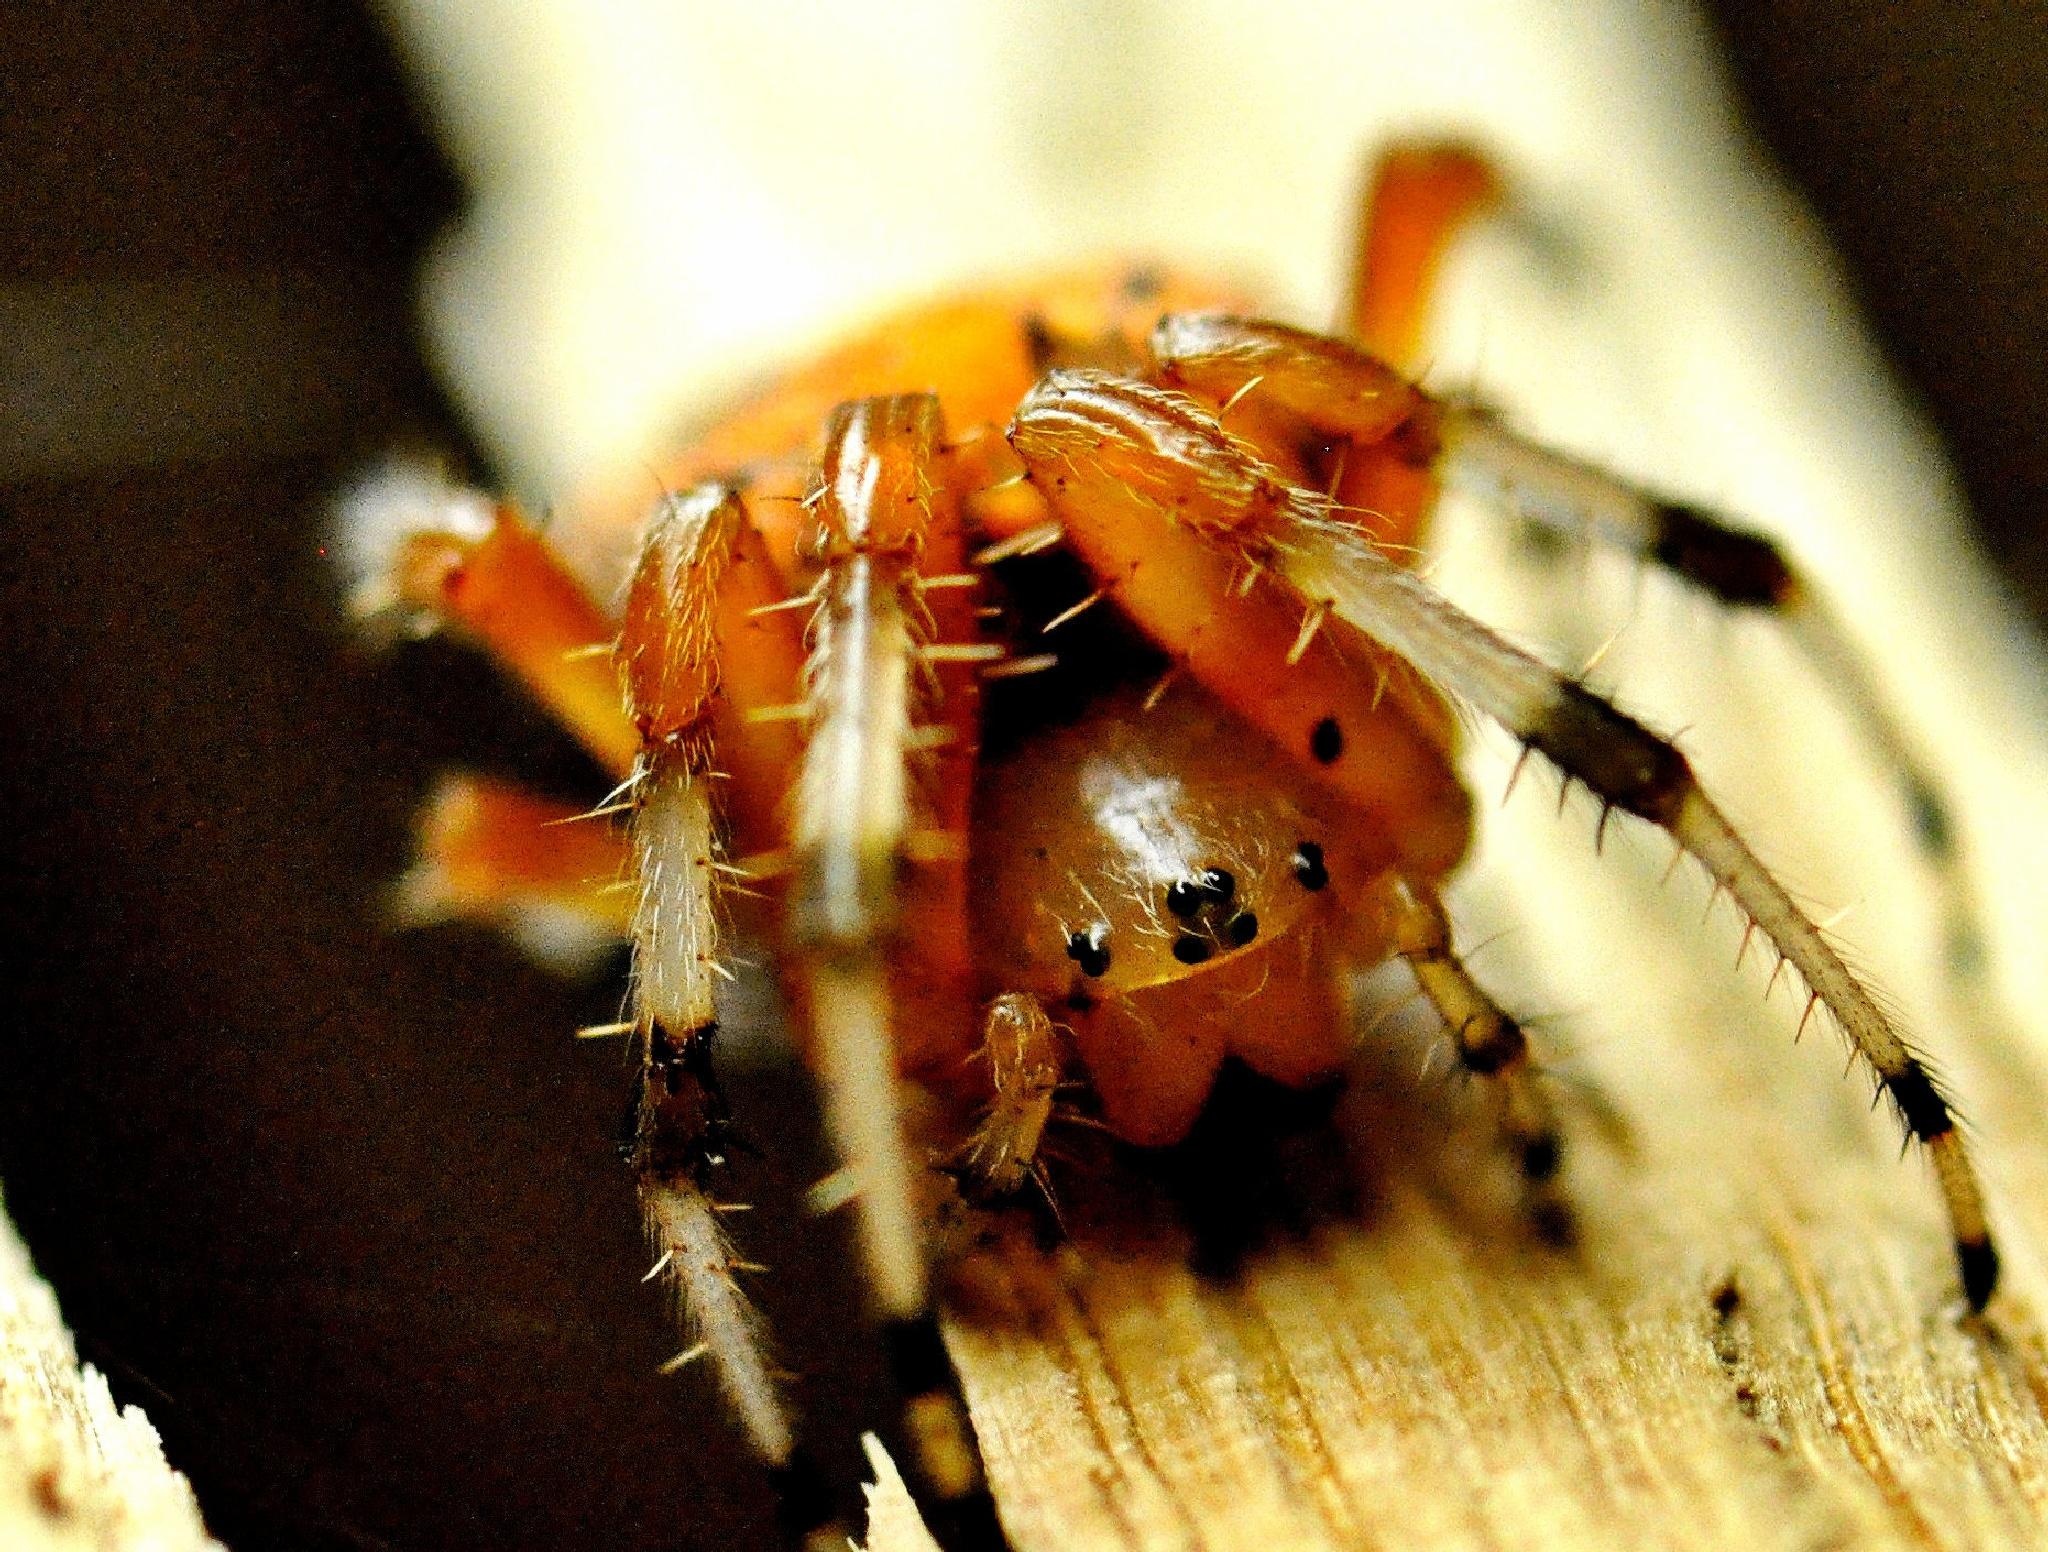 Spider Eyes by Joeski